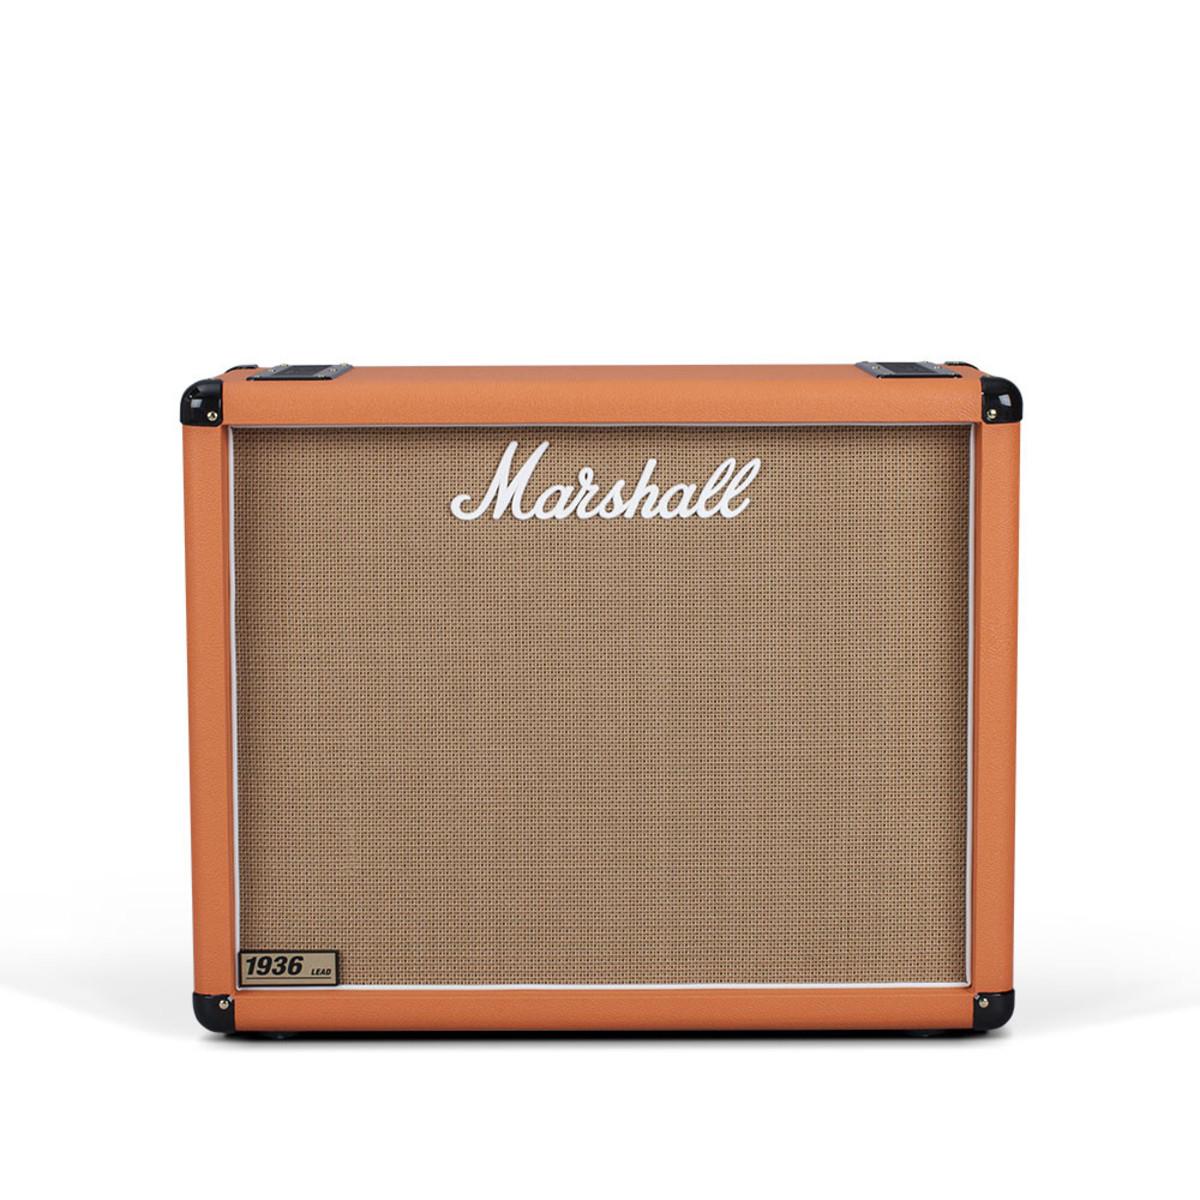 marshall 1936 2x12 guitar speaker cab orange at. Black Bedroom Furniture Sets. Home Design Ideas